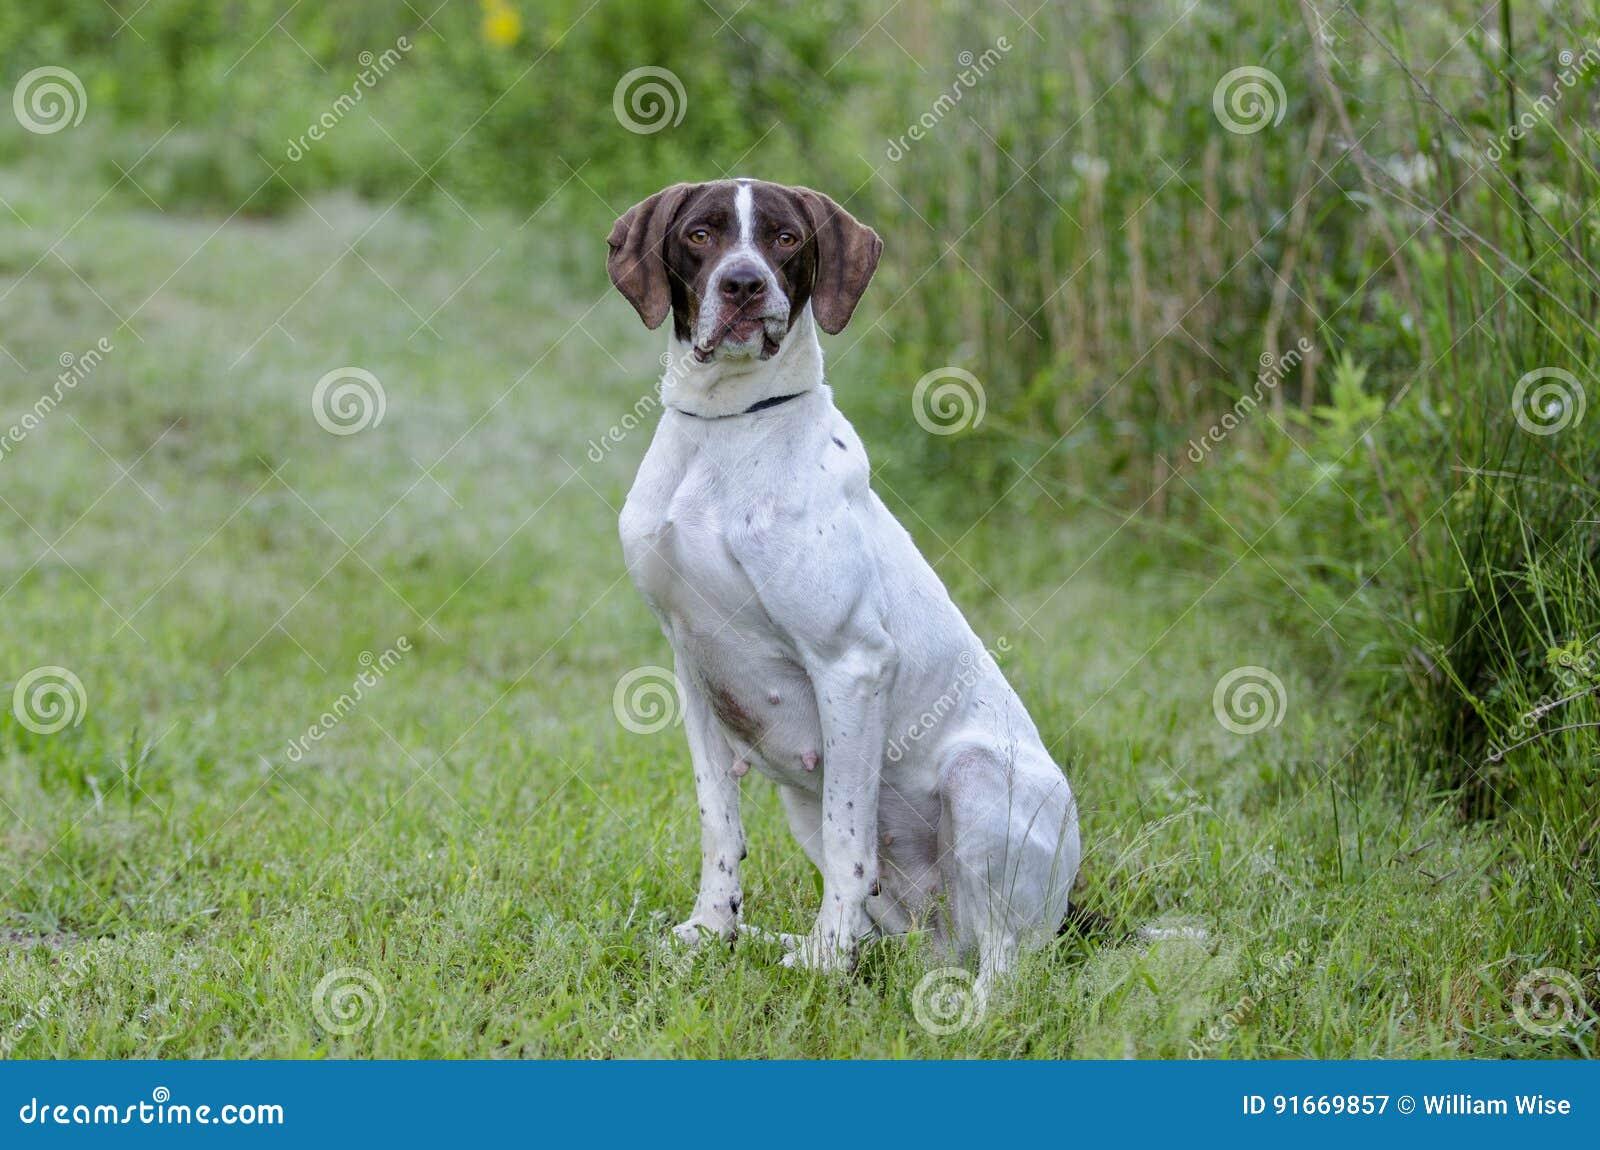 English Pointer bird dog